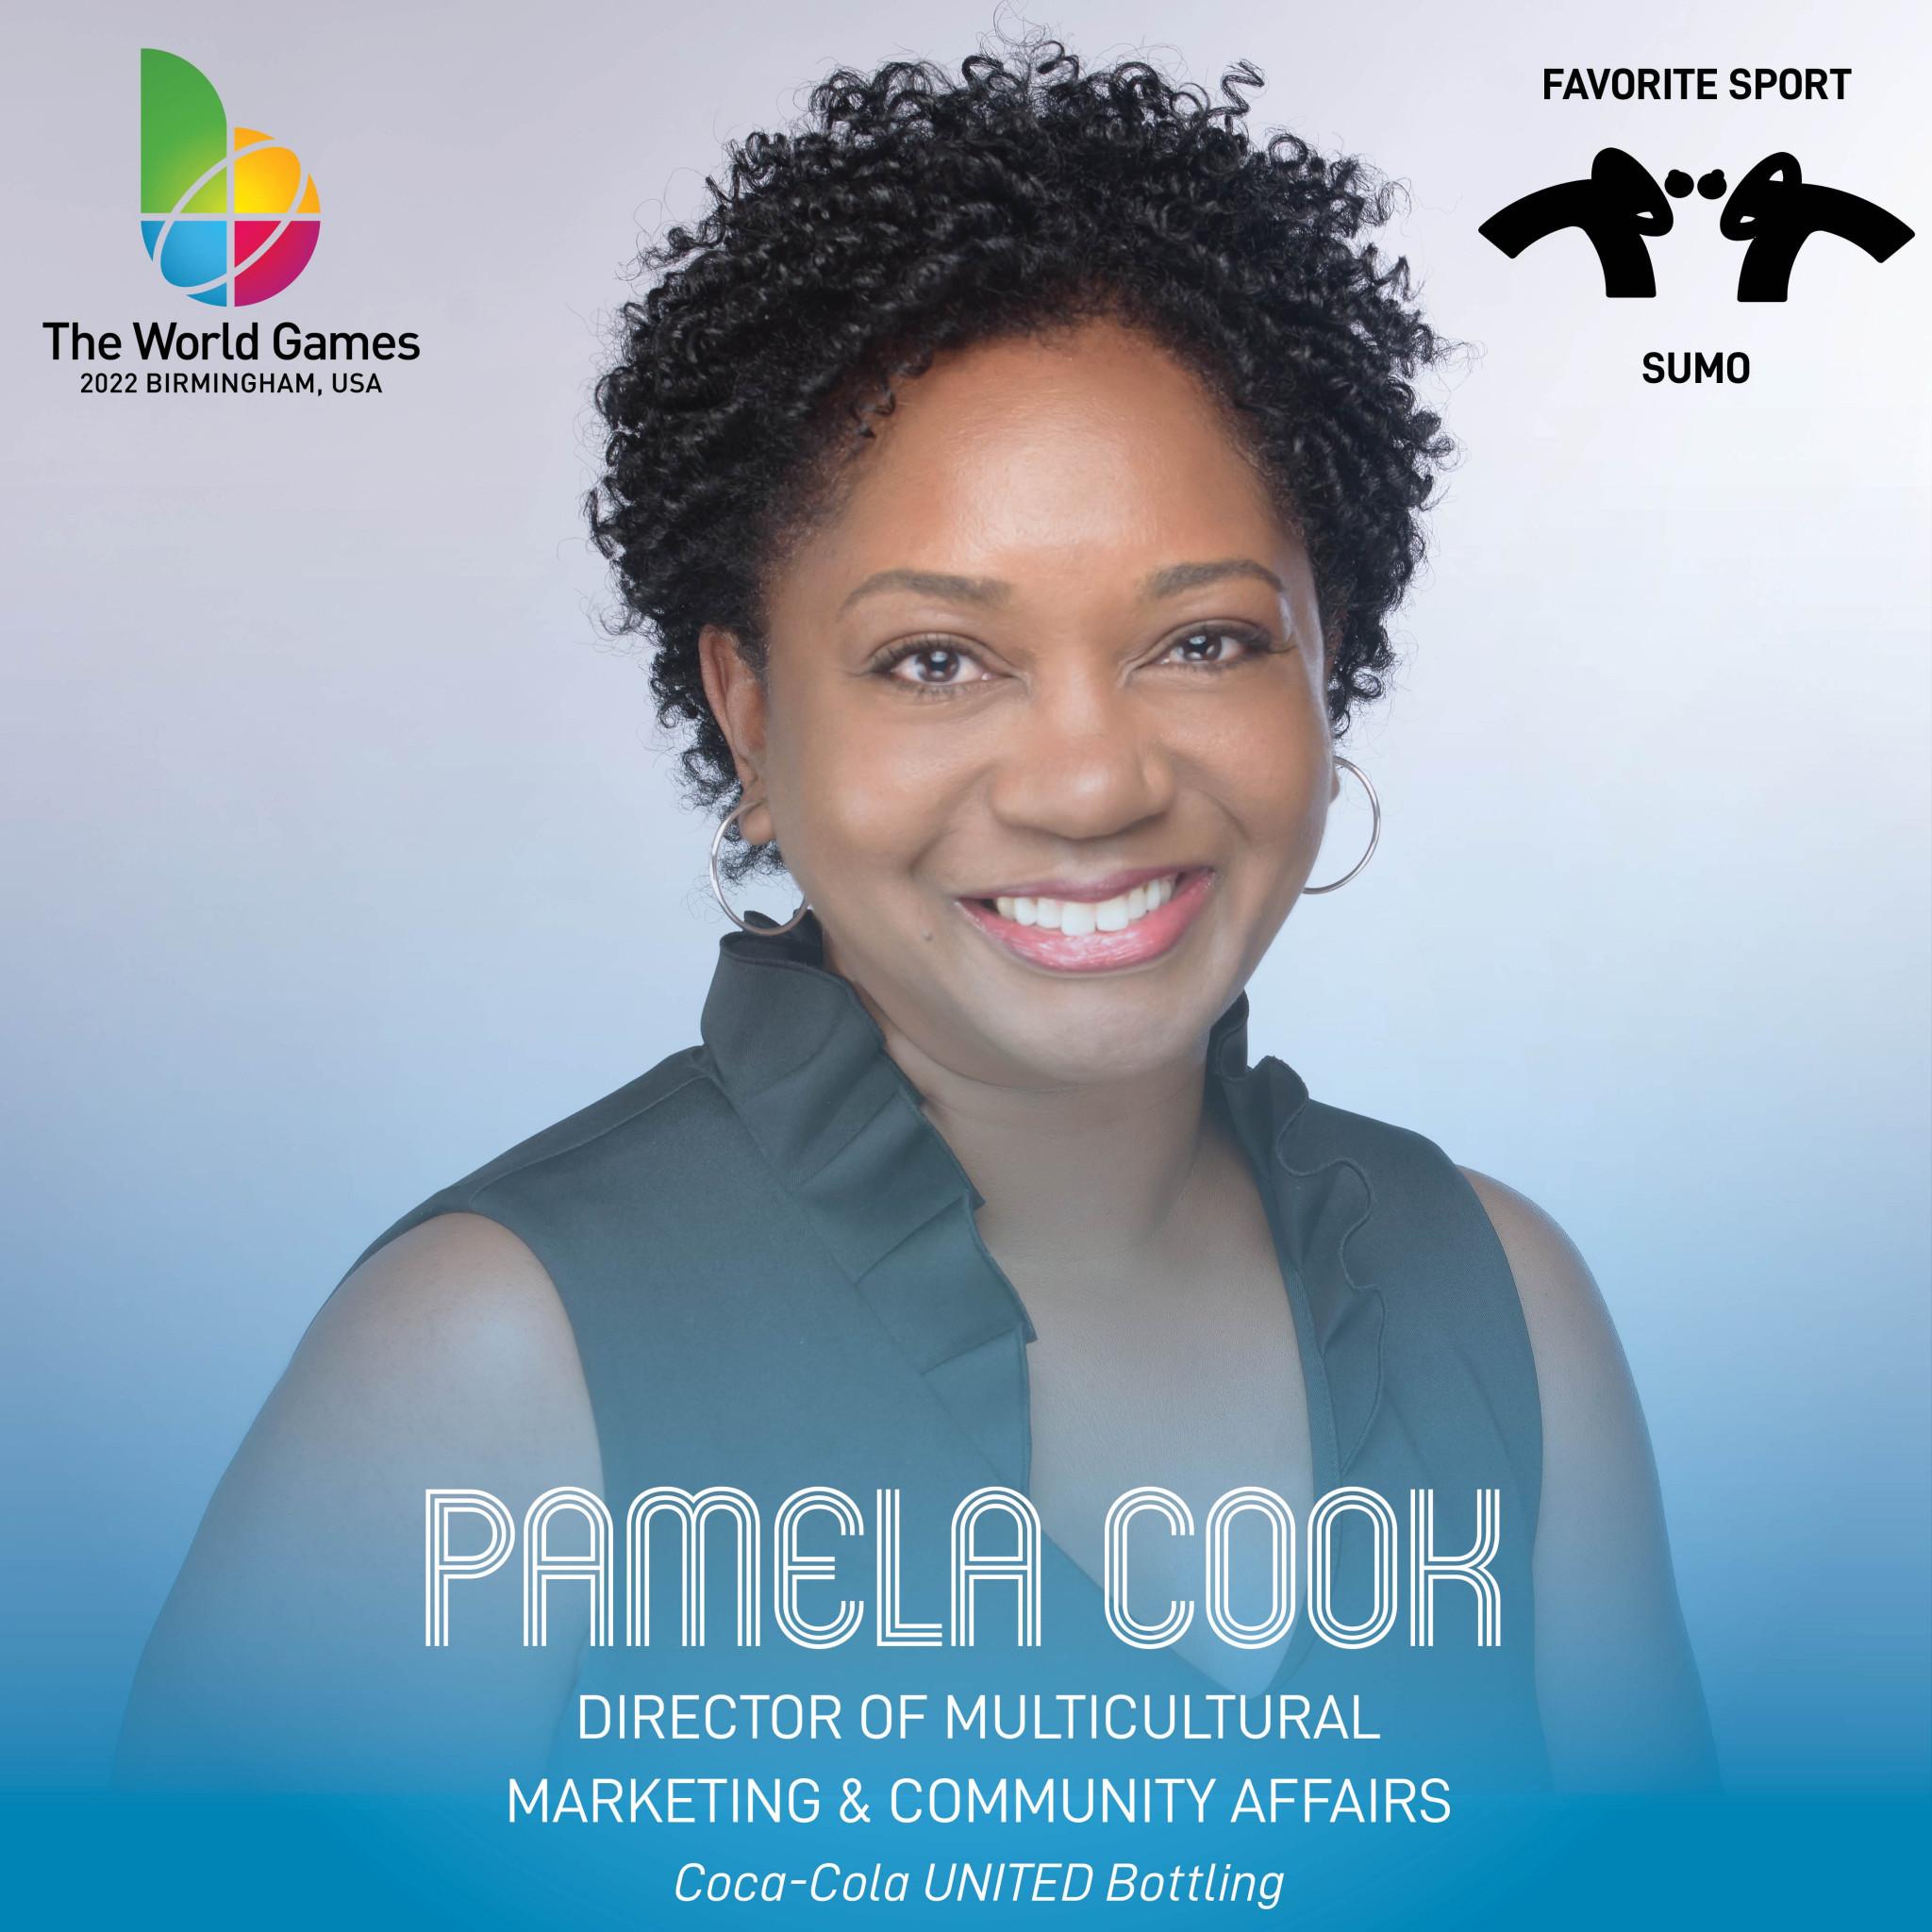 Pamela Cook is one of three new Birmingham 2022 Board members ©Birmingham 2022